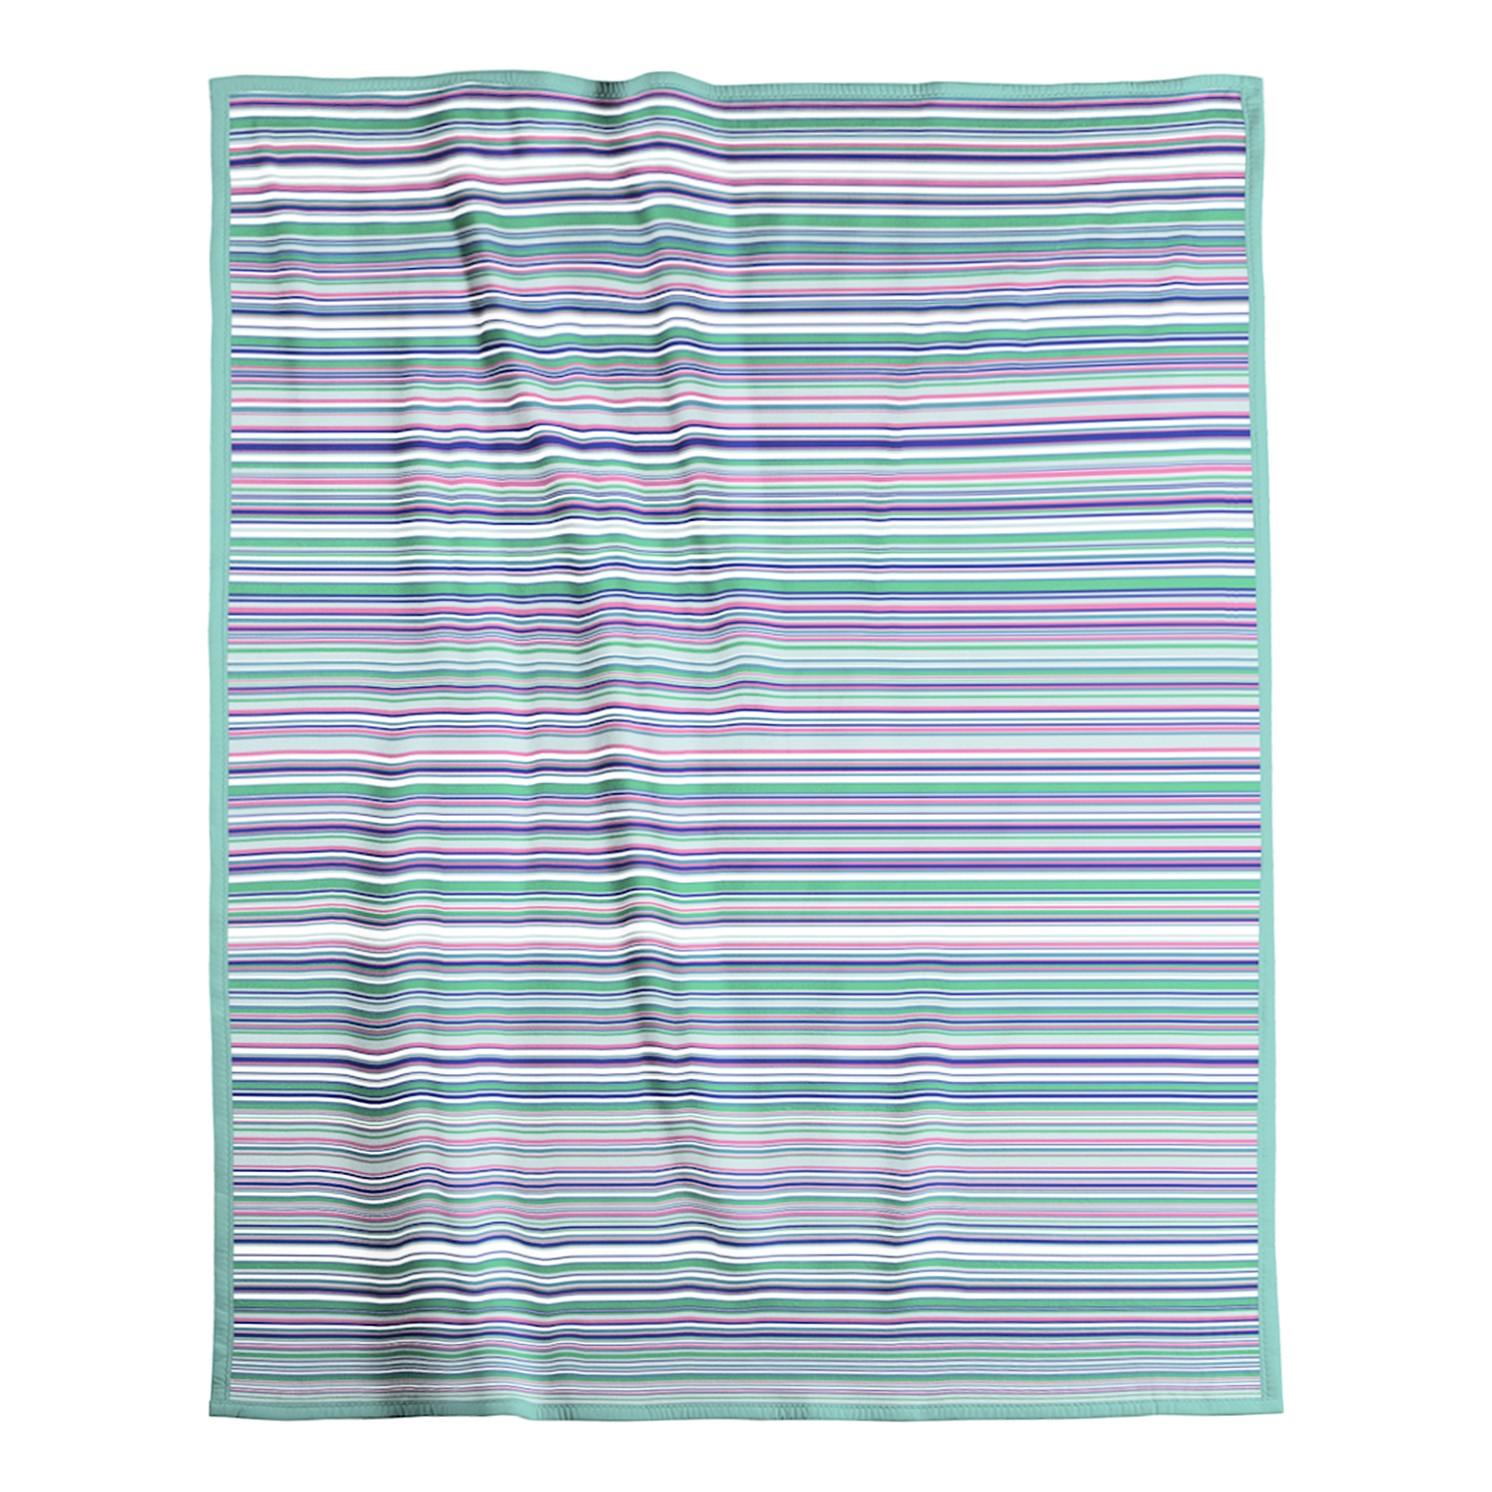 Grau Creme Rueckseite 100 Polyester Tagesdecken Und Bettuberwurfe